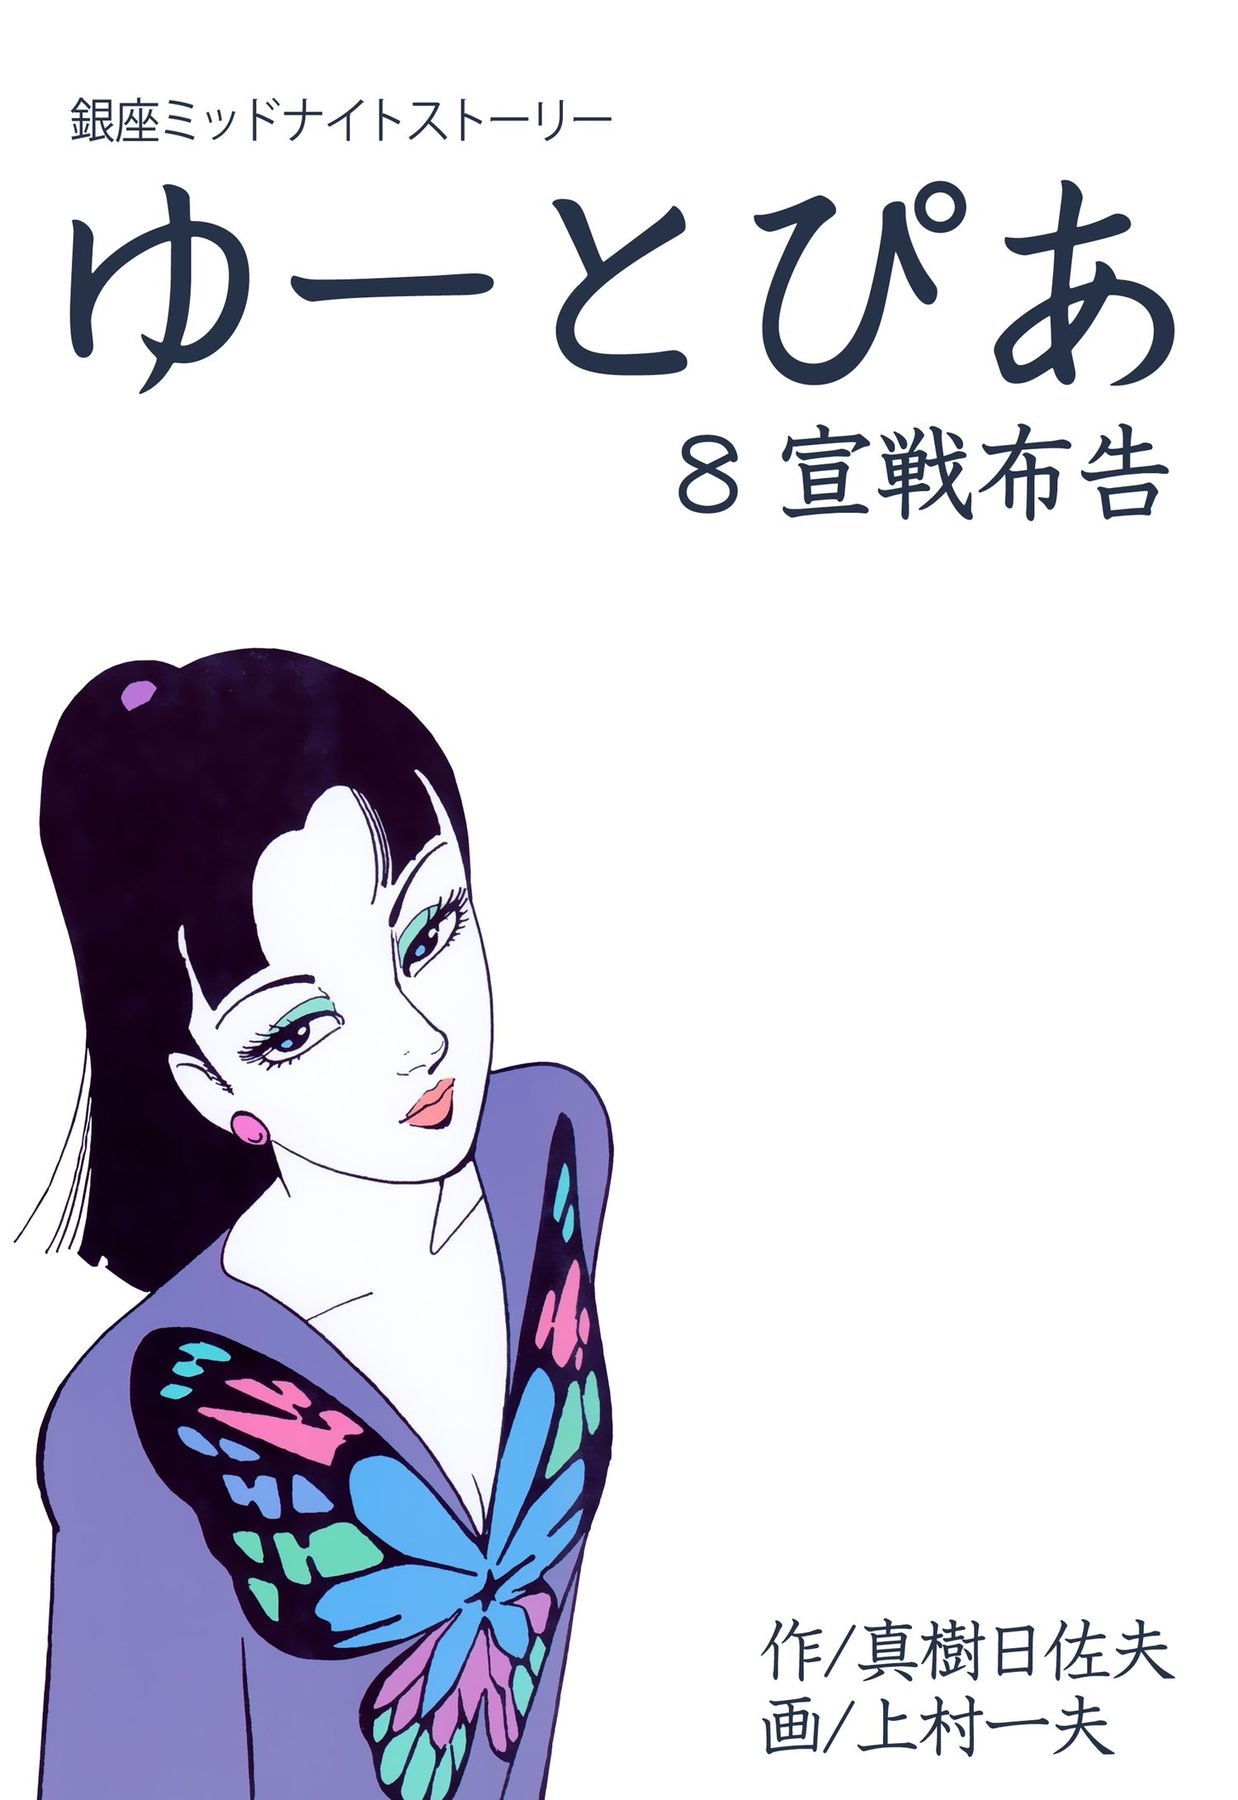 ゆーとぴあ~銀座ミッドナイトストーリー(第8巻)